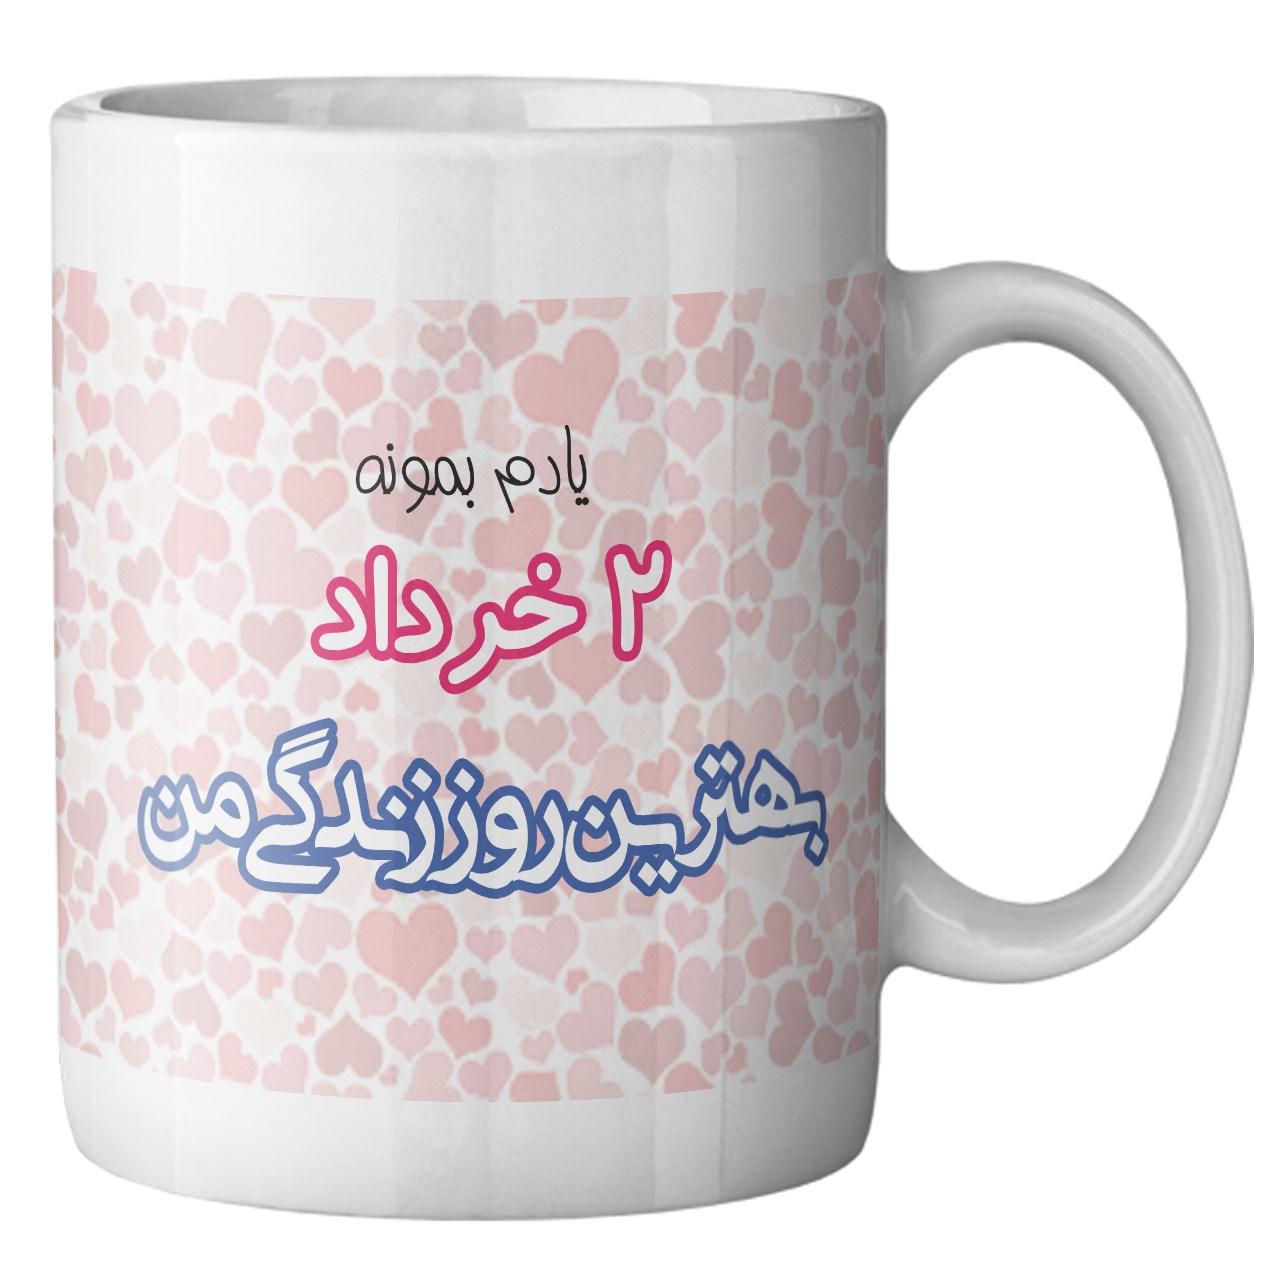 ماگ ماگستان مدل 2 خرداد